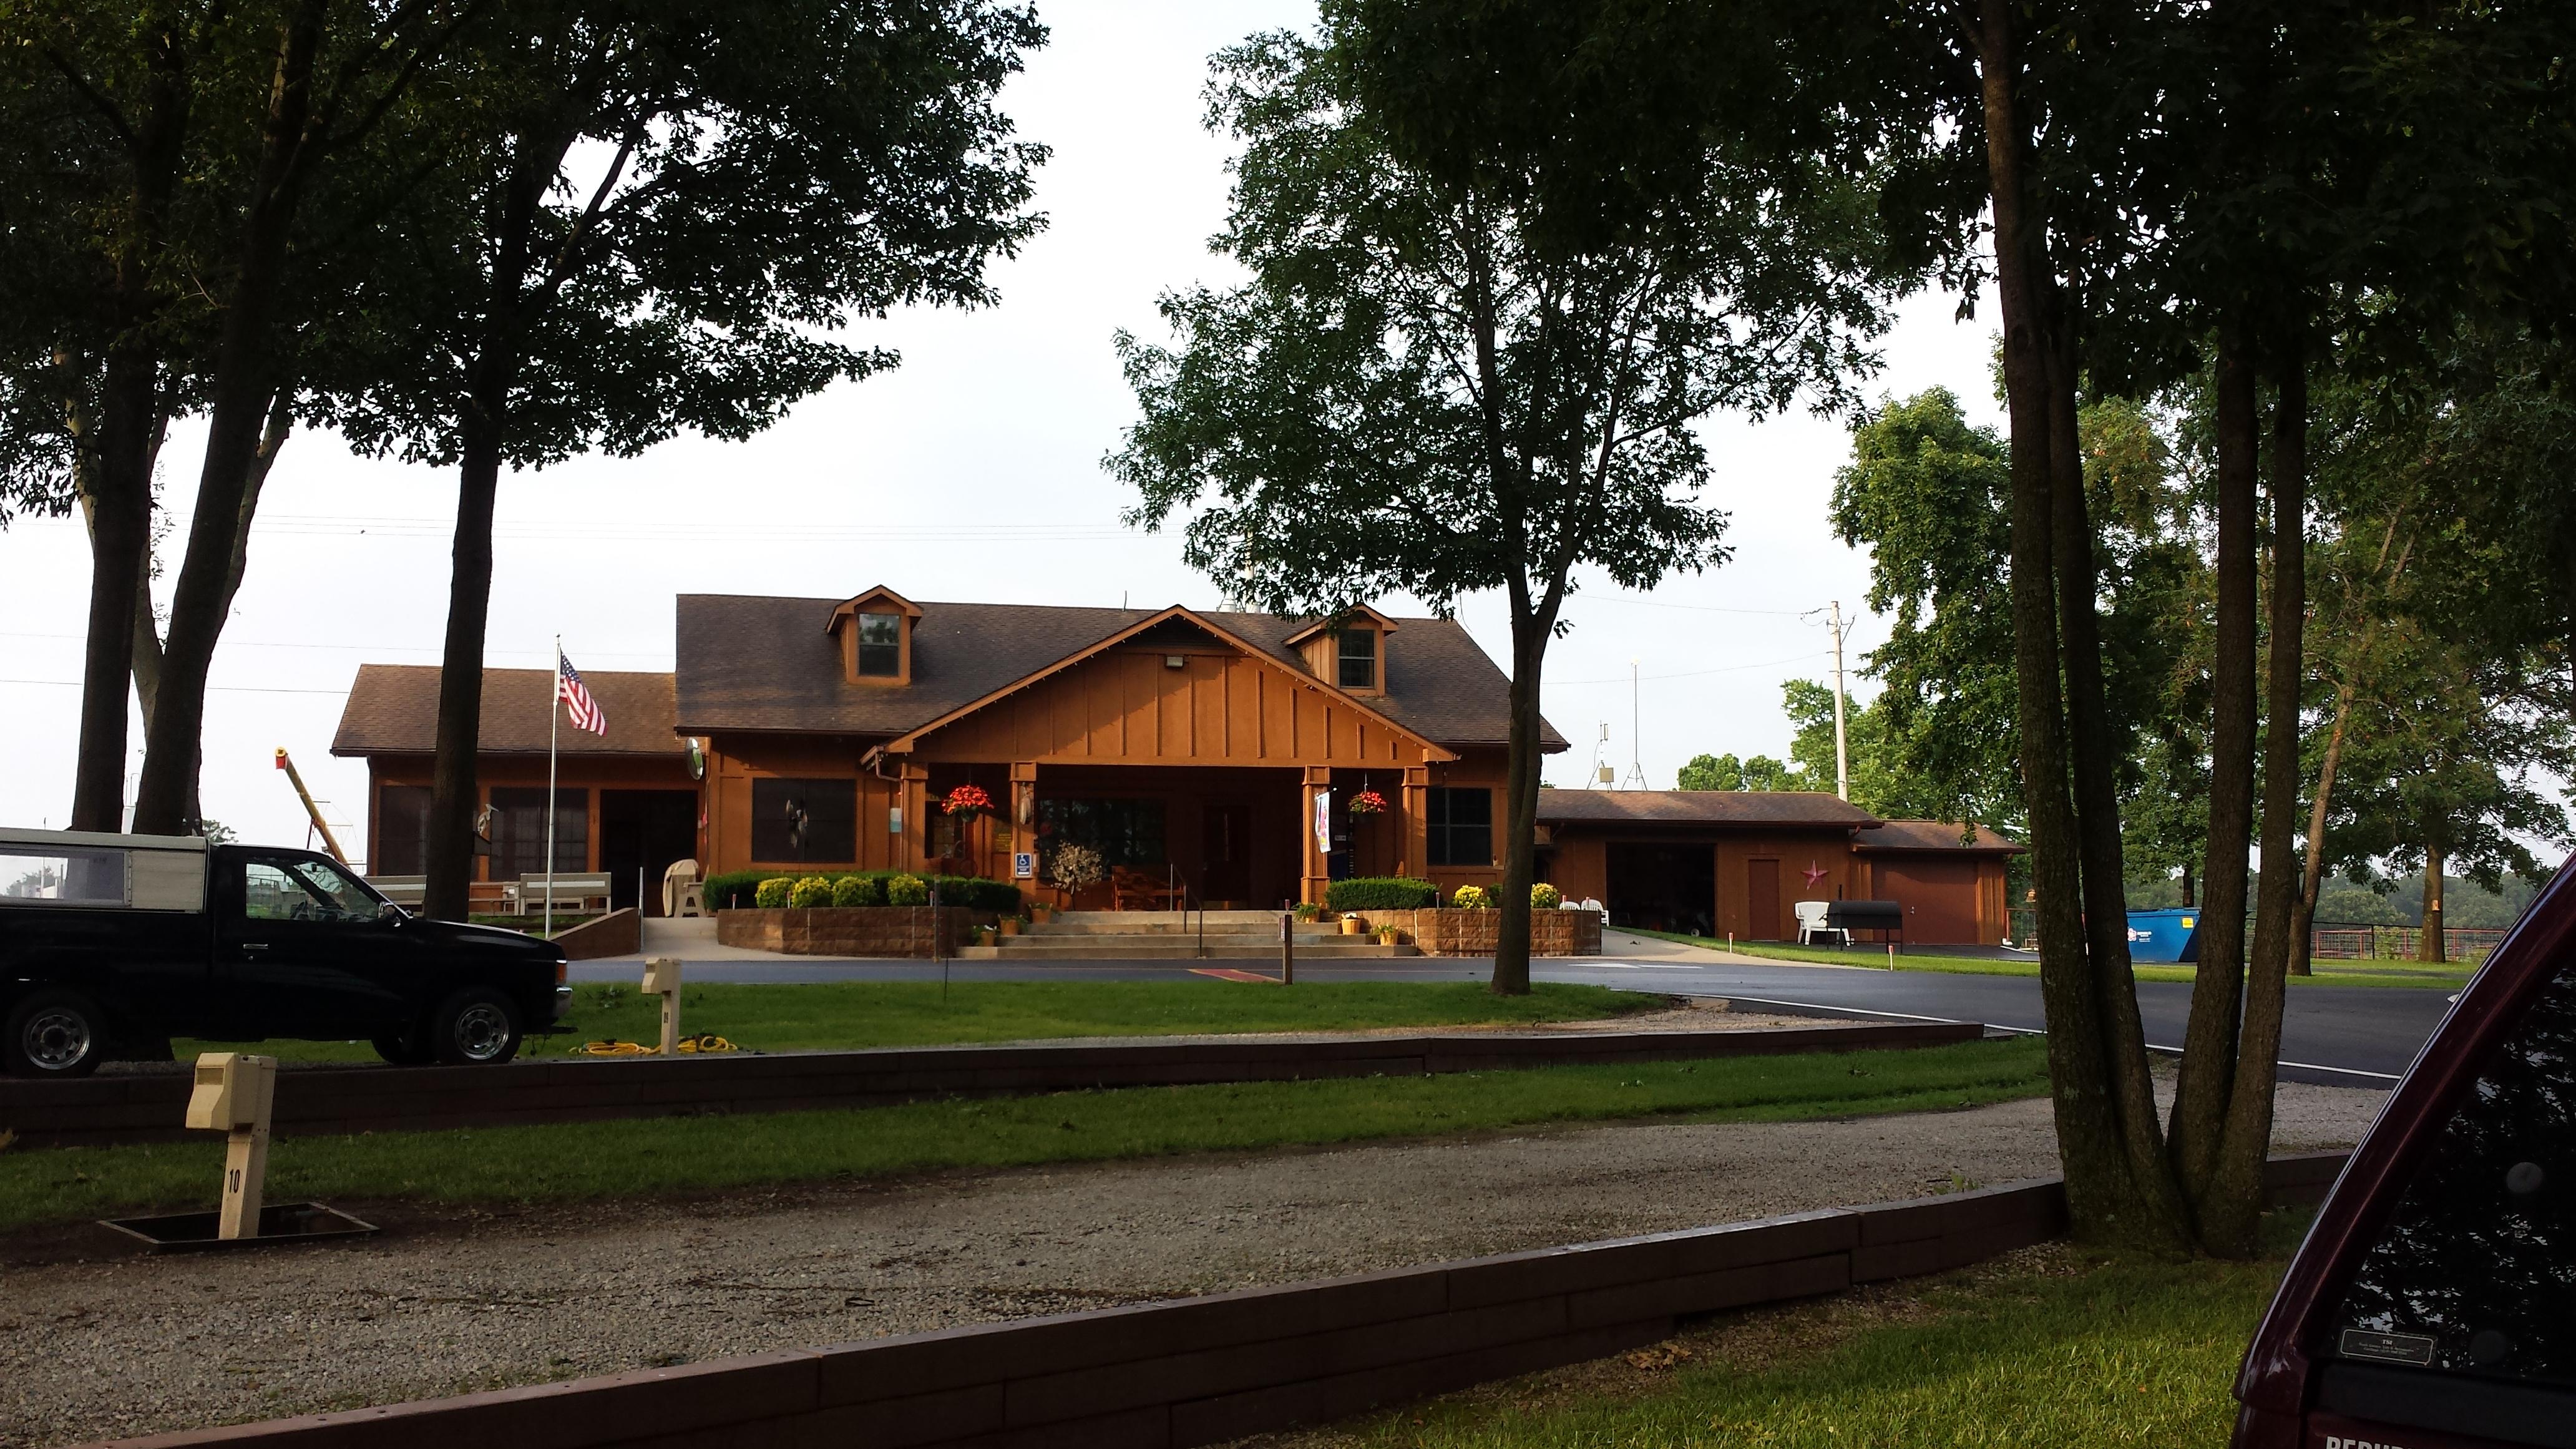 Carthage Rv Parks Reviews And Photos Rvparking Com